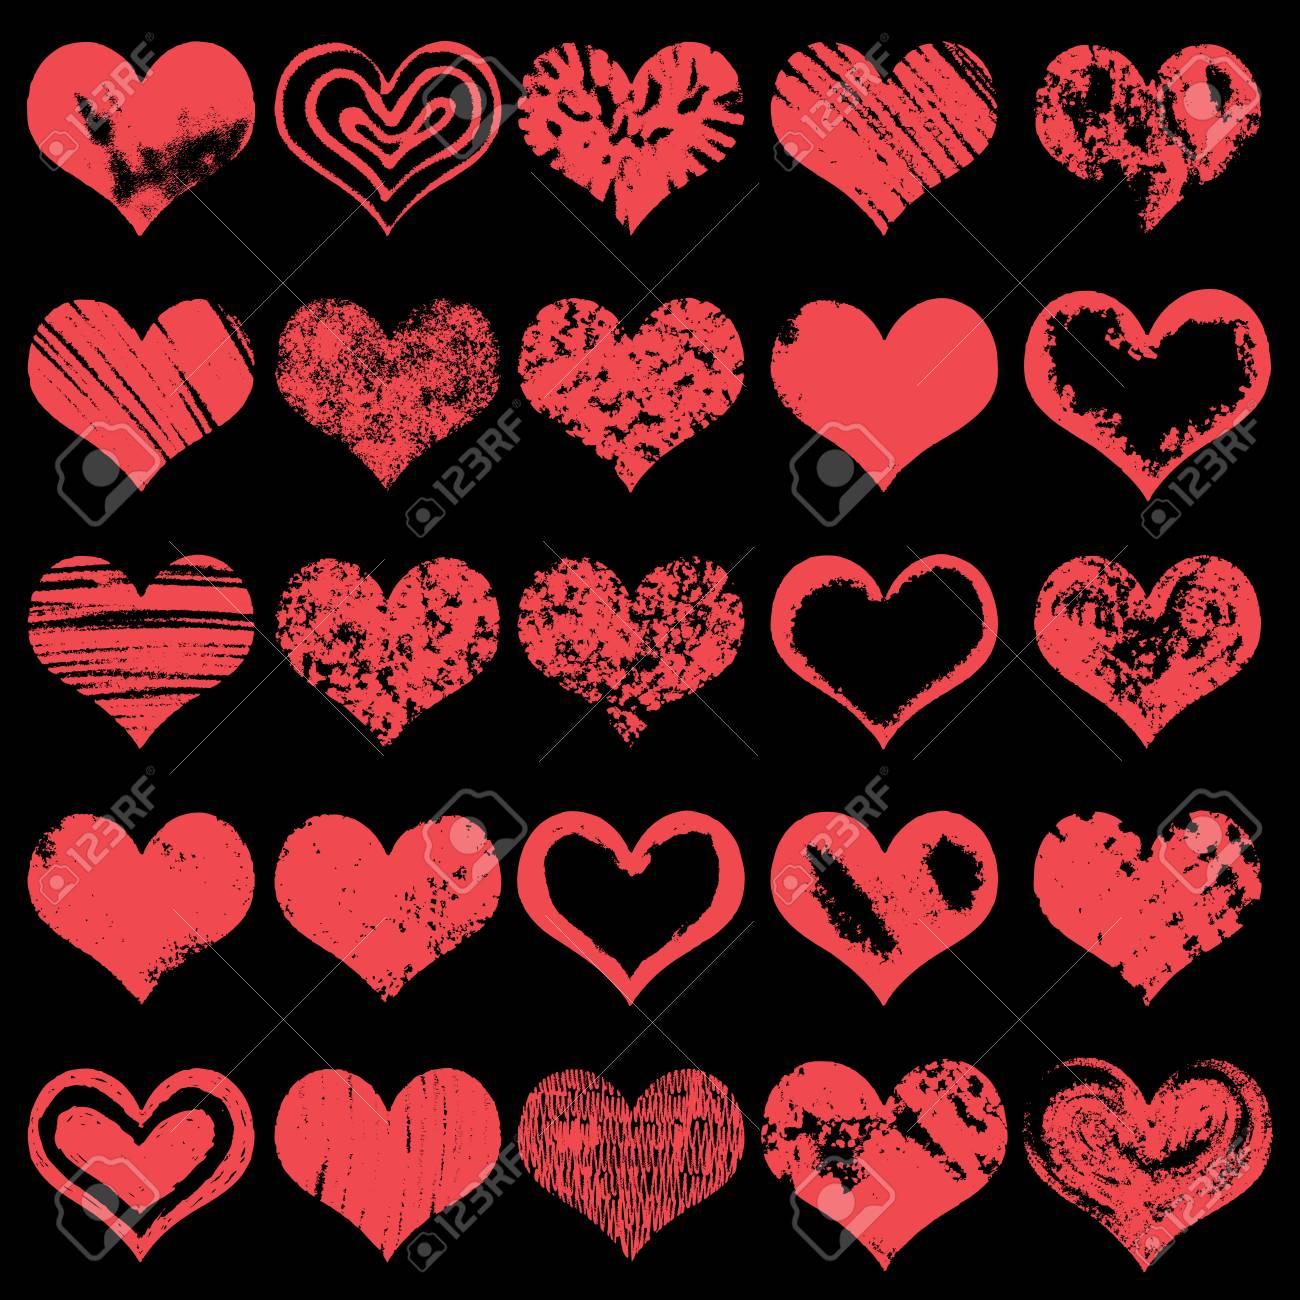 Grosse Hand Gezeichnete Herzformen Ikonen In Der Roten Farbe Fur